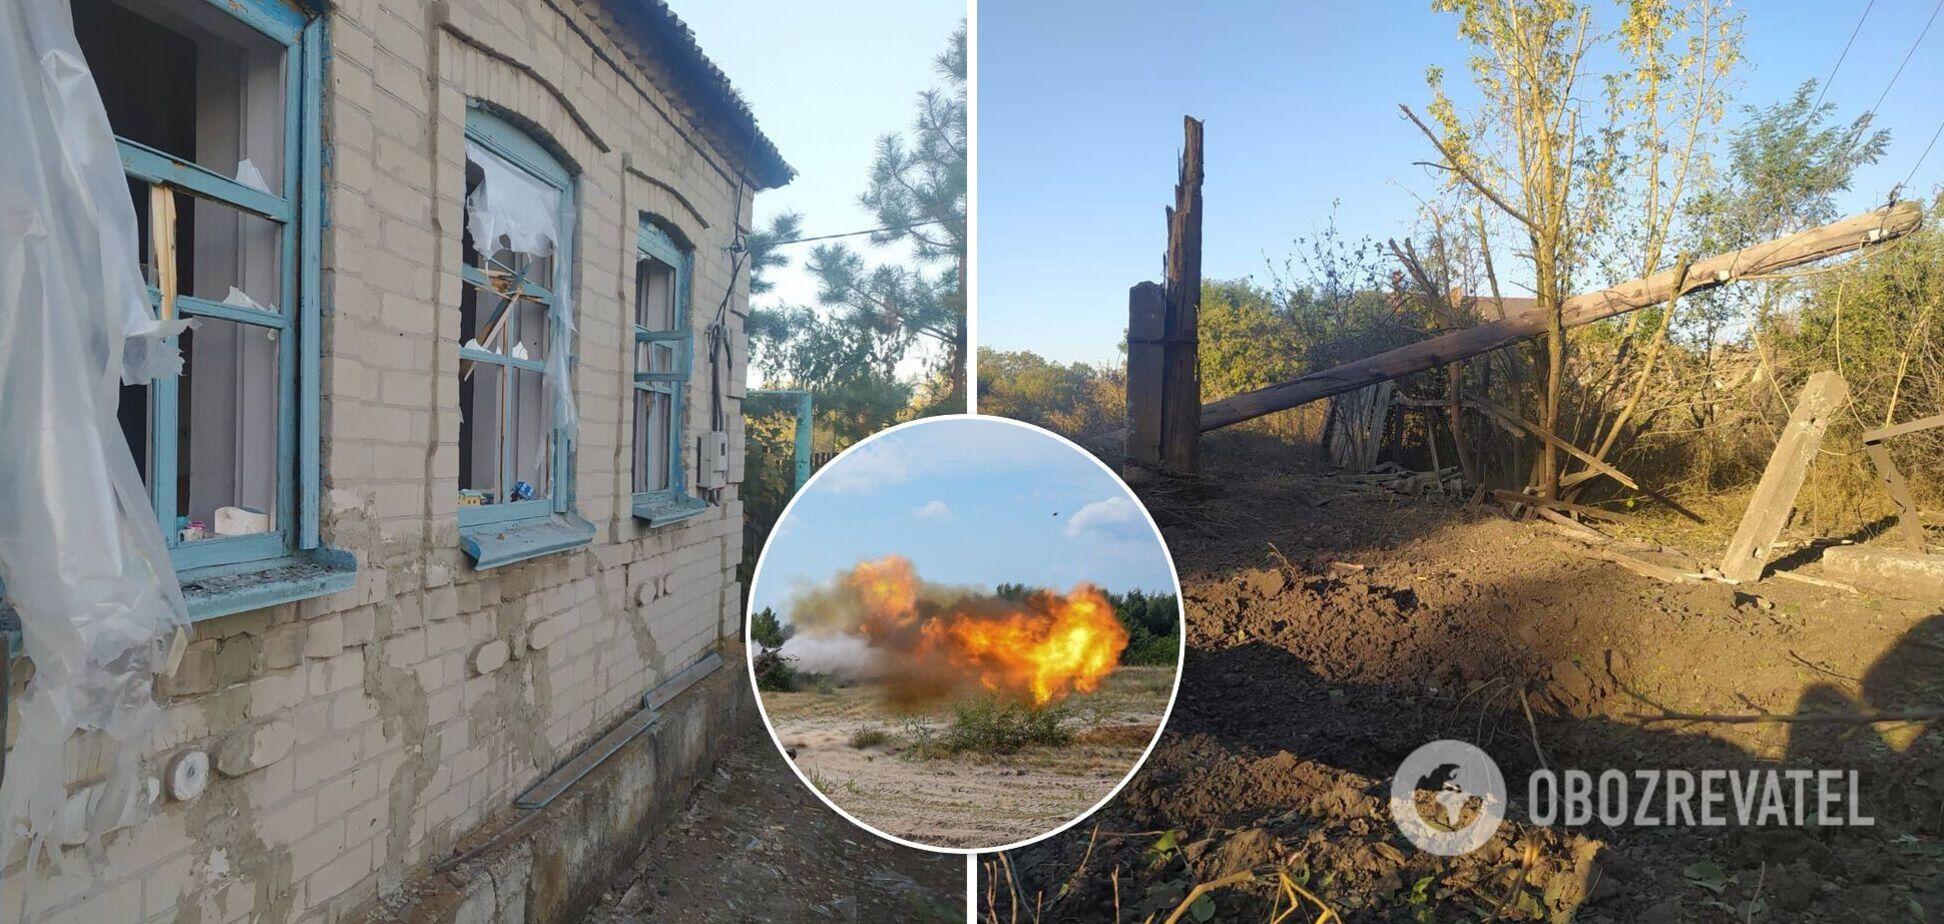 Повреждены дома и линии электропередач: появились фото последствий обстрела на Донбассе